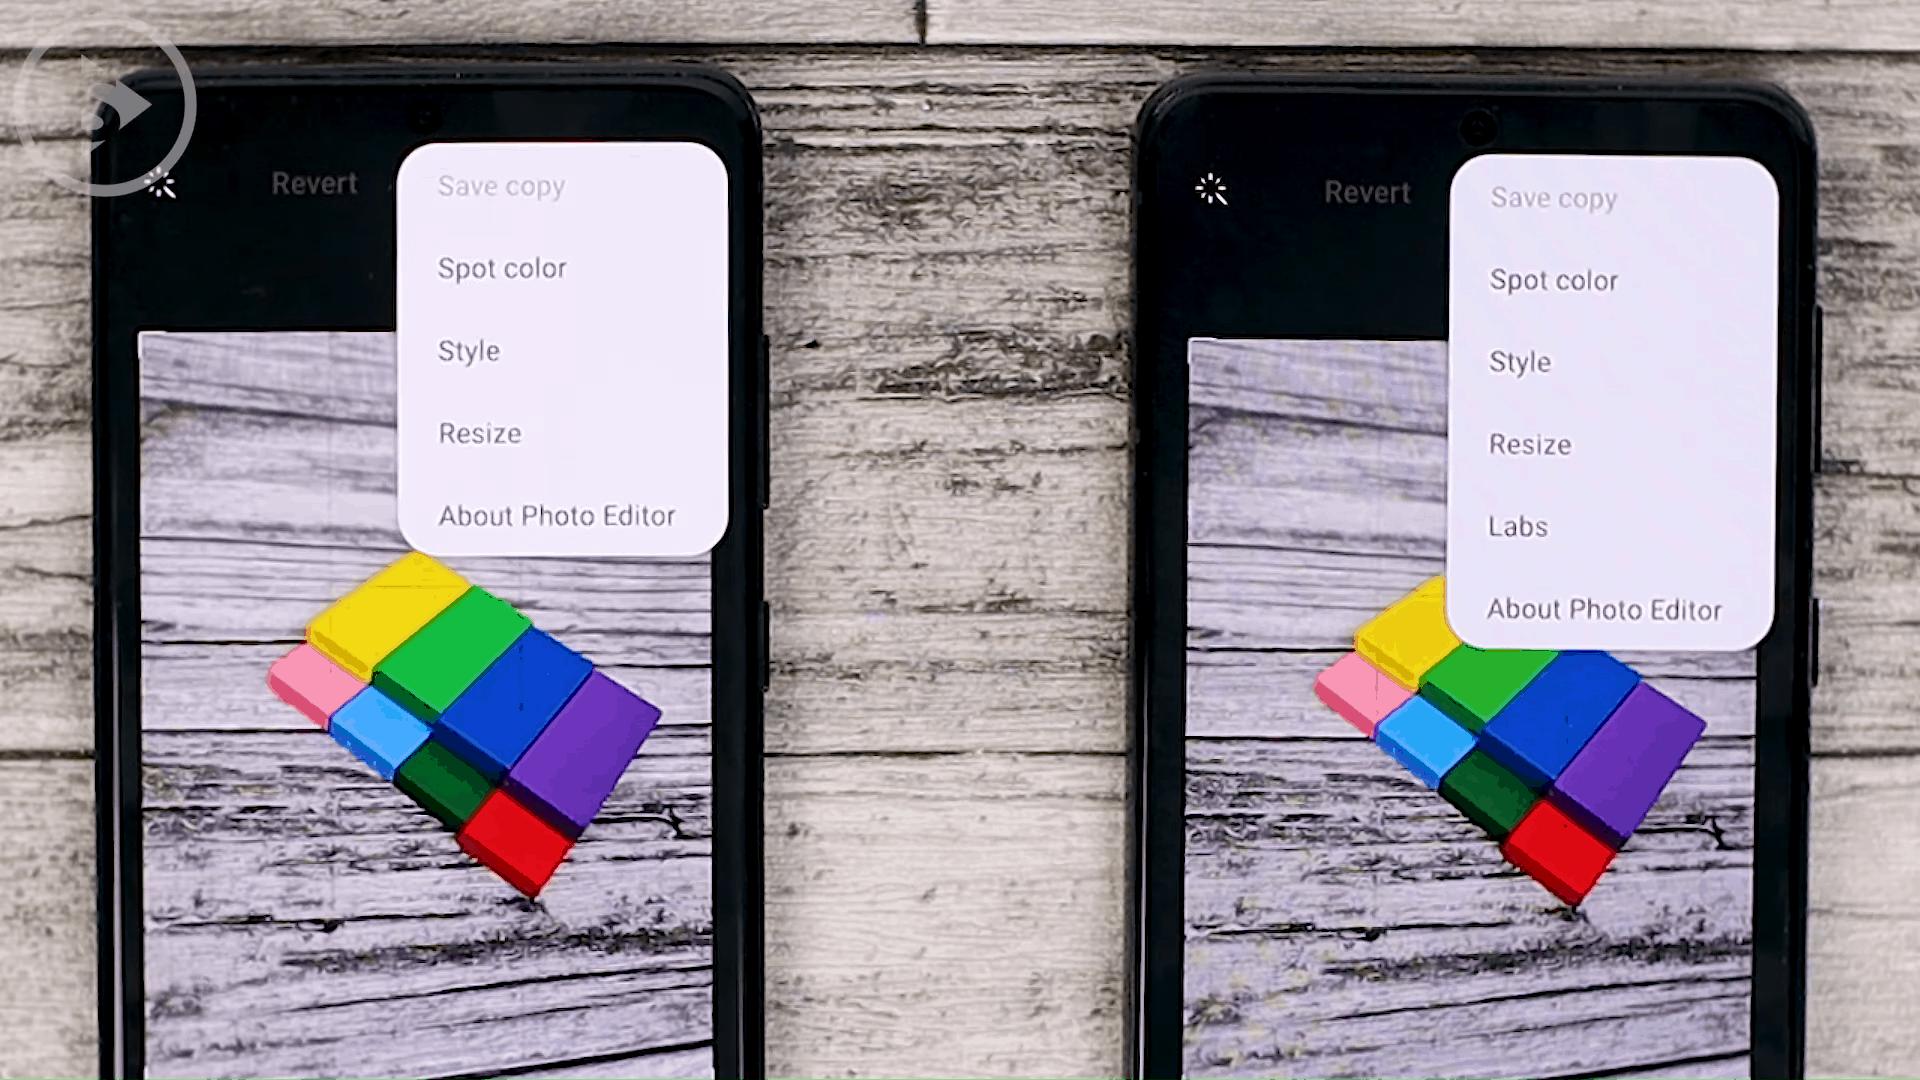 Object Eraser - Cek Fitur Terbaru One UI 3.1 di Samsung S21+ yang Belum Tersedia di One UI 3.0 Samsung S20+ (PART 2)